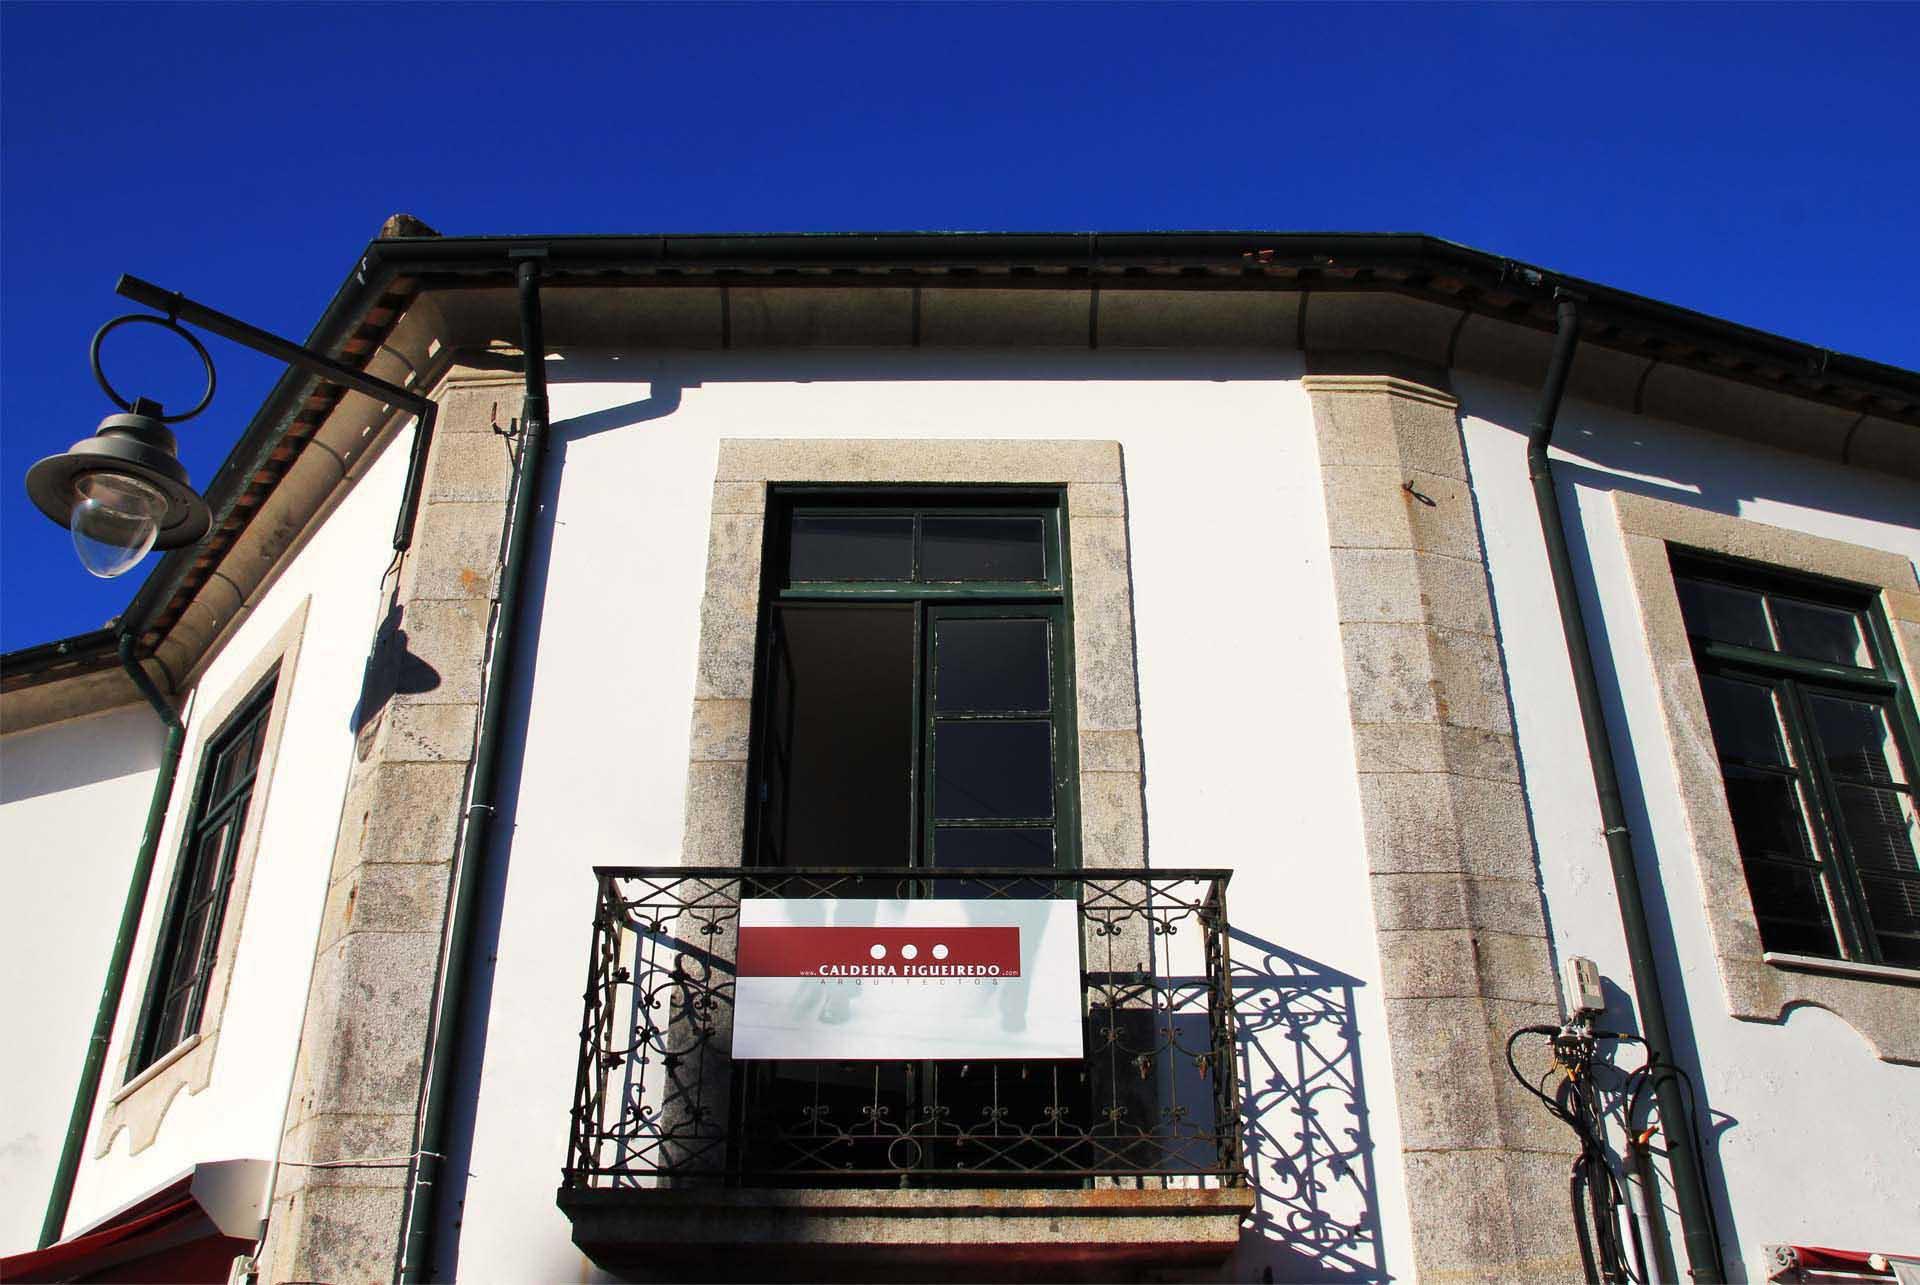 CALDEIRA FIGUEIREDO OFFICE 01